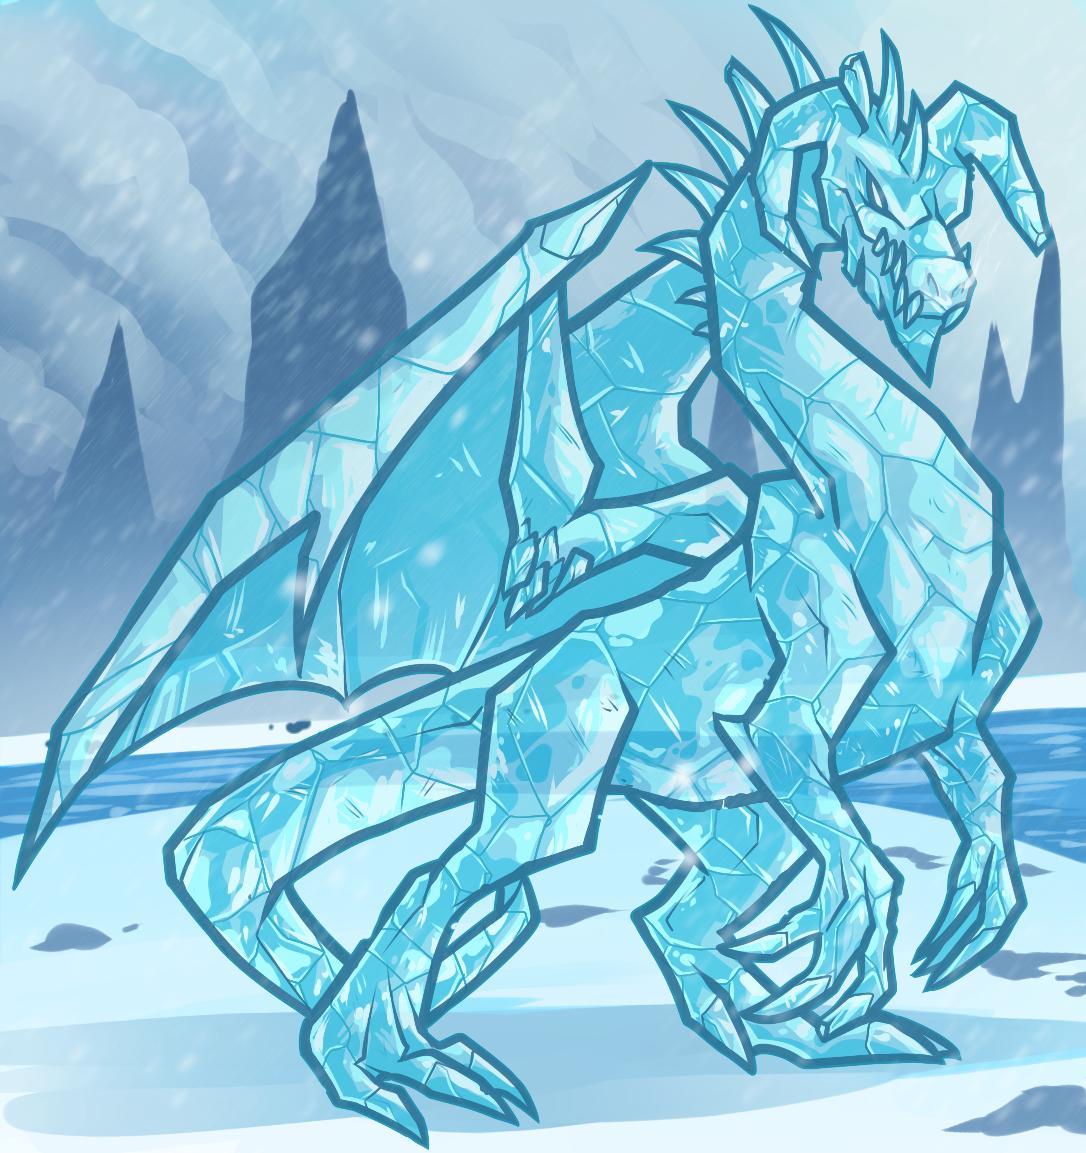 Ice Dragon, White Dragon Elemental By Dragoart